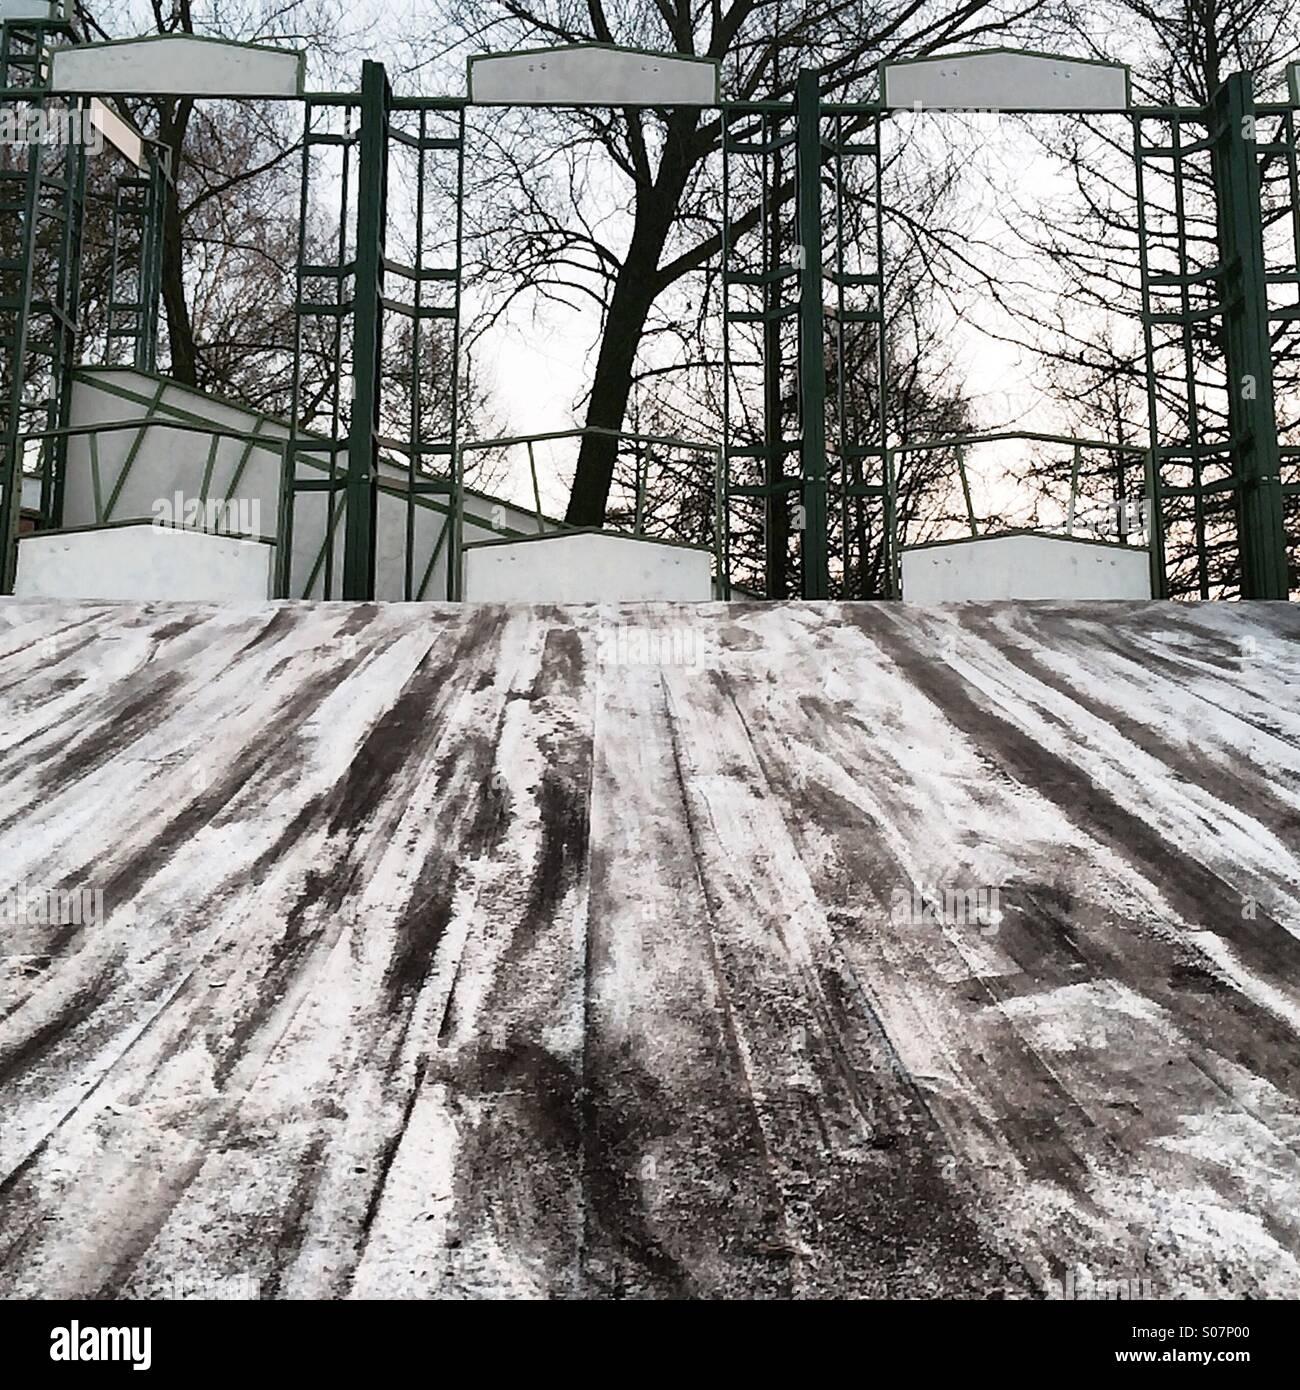 Faites glisser,neige, à l'extérieur, personne,aire de jeux Photo Stock